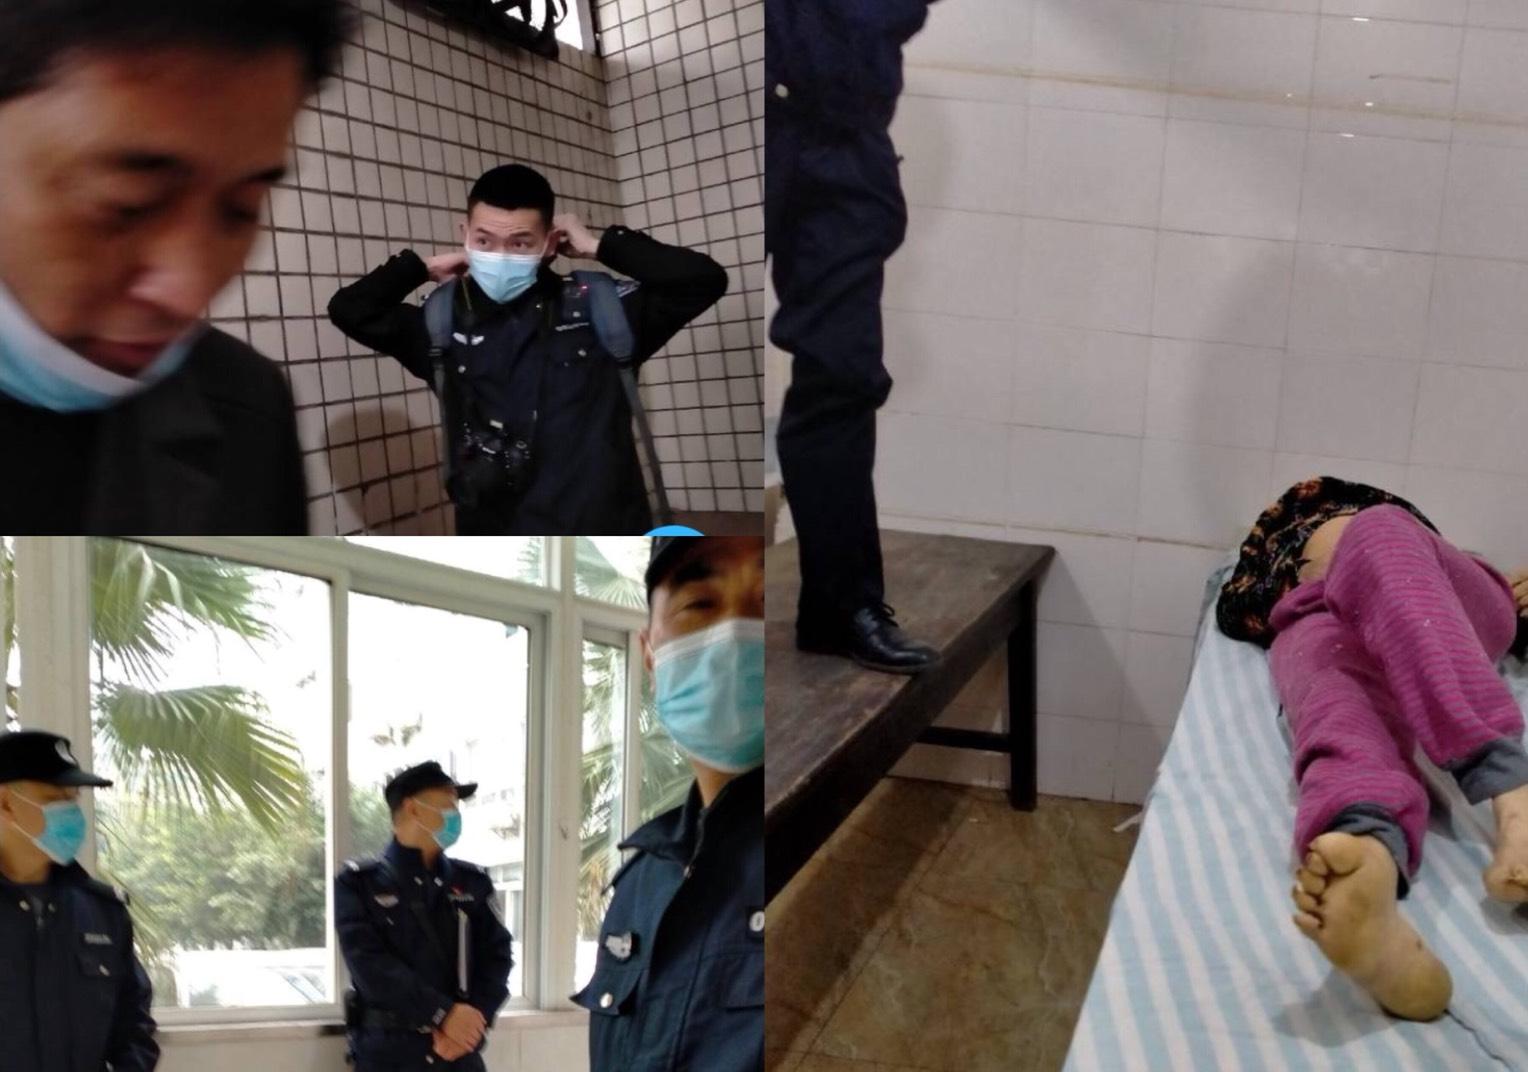 四川省成都市新津區遭強拆戶唐春蓉,2018年12月與母親王學英到北京上訪,被鎮政府截回後送進醫院軟禁至今。18日早上,她發現母親突然死亡,她打110報警。當天王學英的遺體就被政府偷走了,至今下落不明。